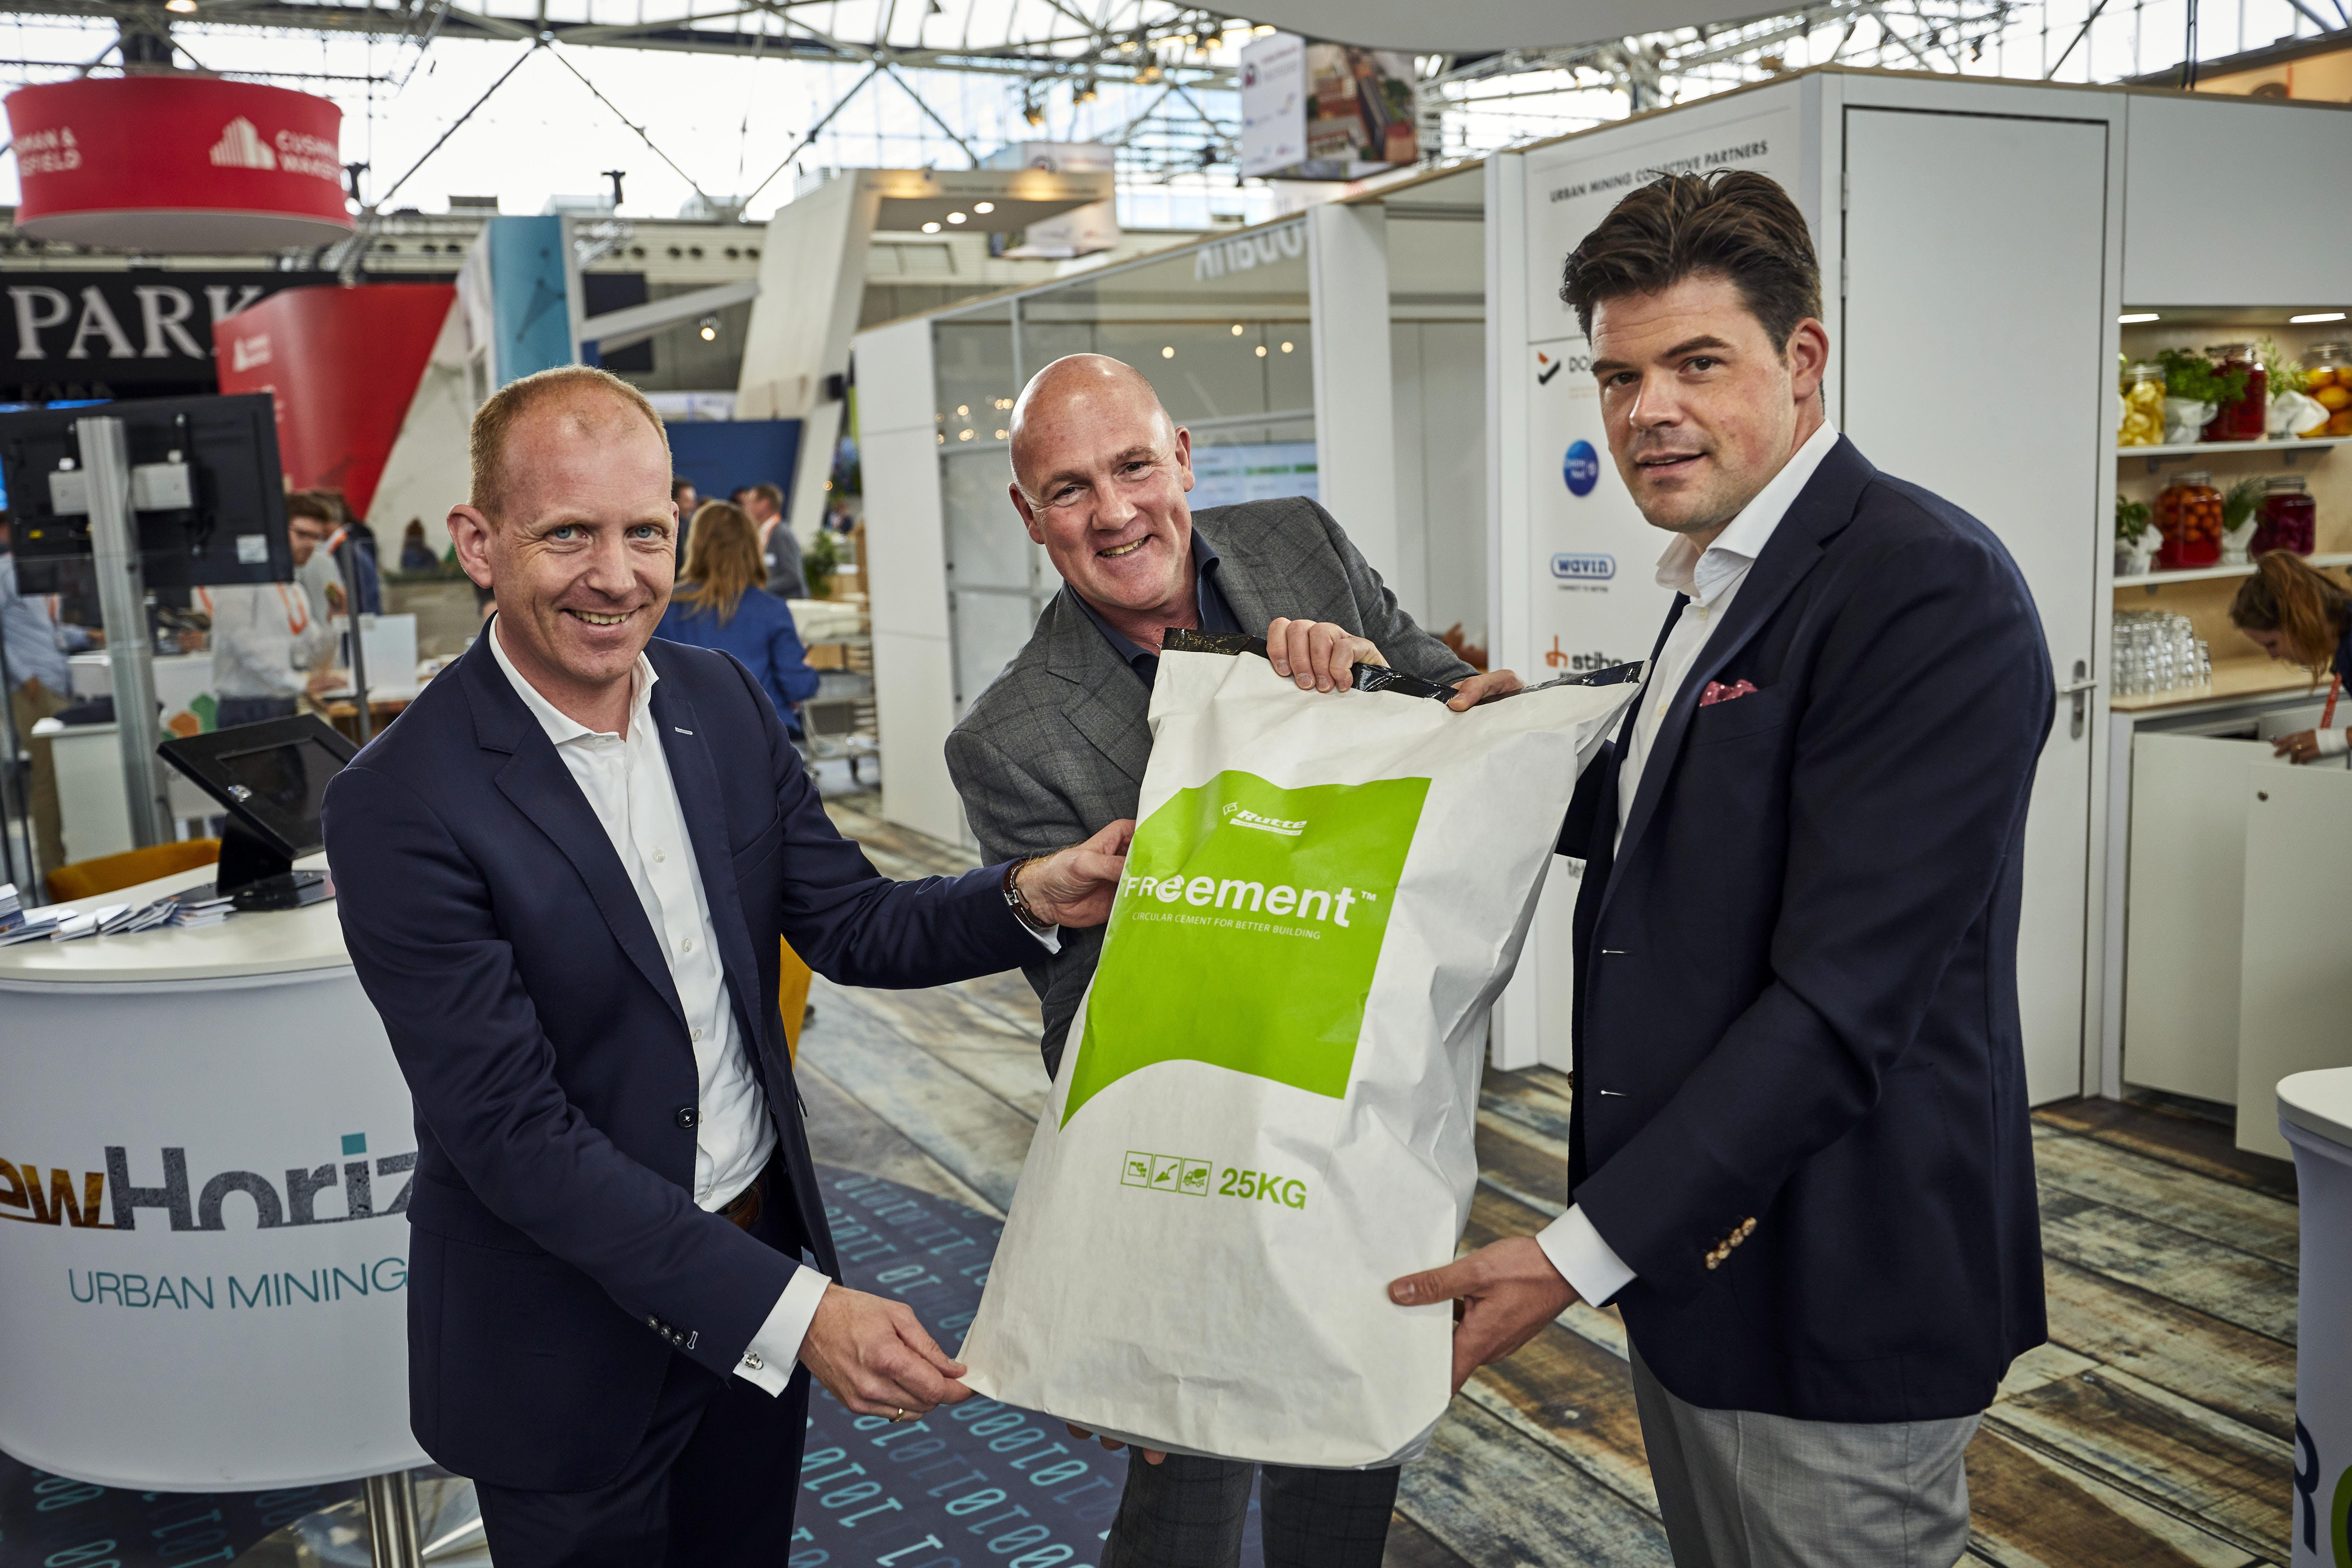 3 mannen presenteren zak met circulair cement gemaakt met Smart Liberator project